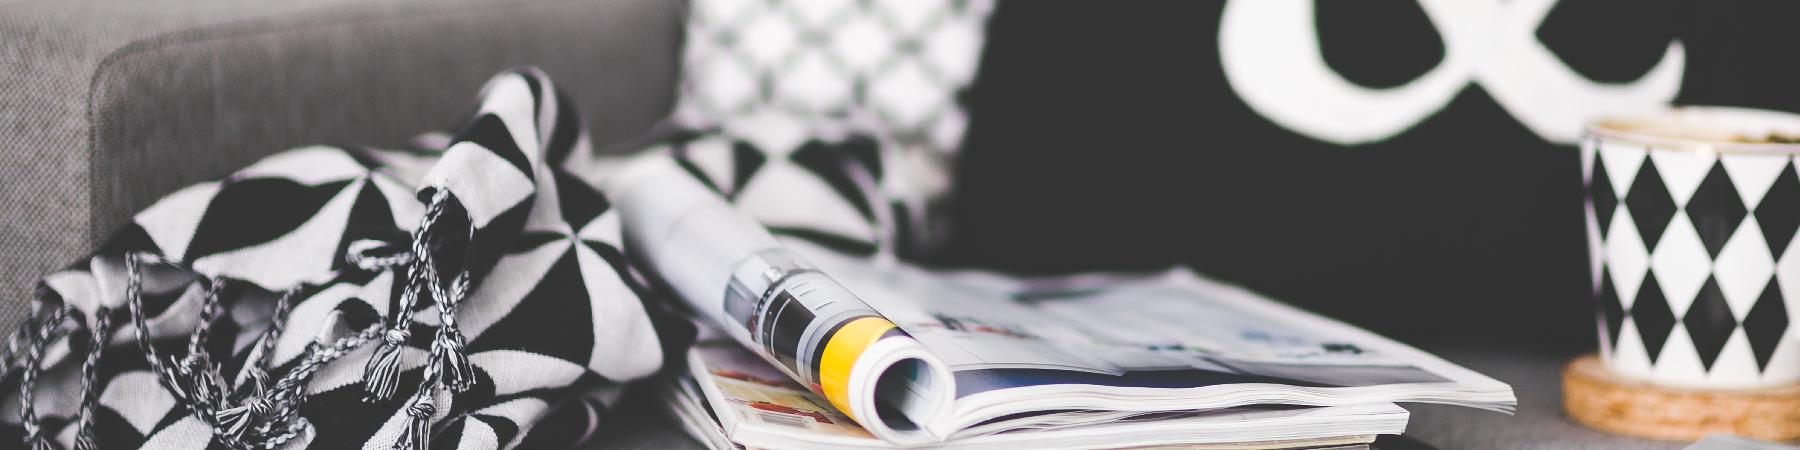 Peppermint Interieuradvies | interieurontwerp, styling en advies